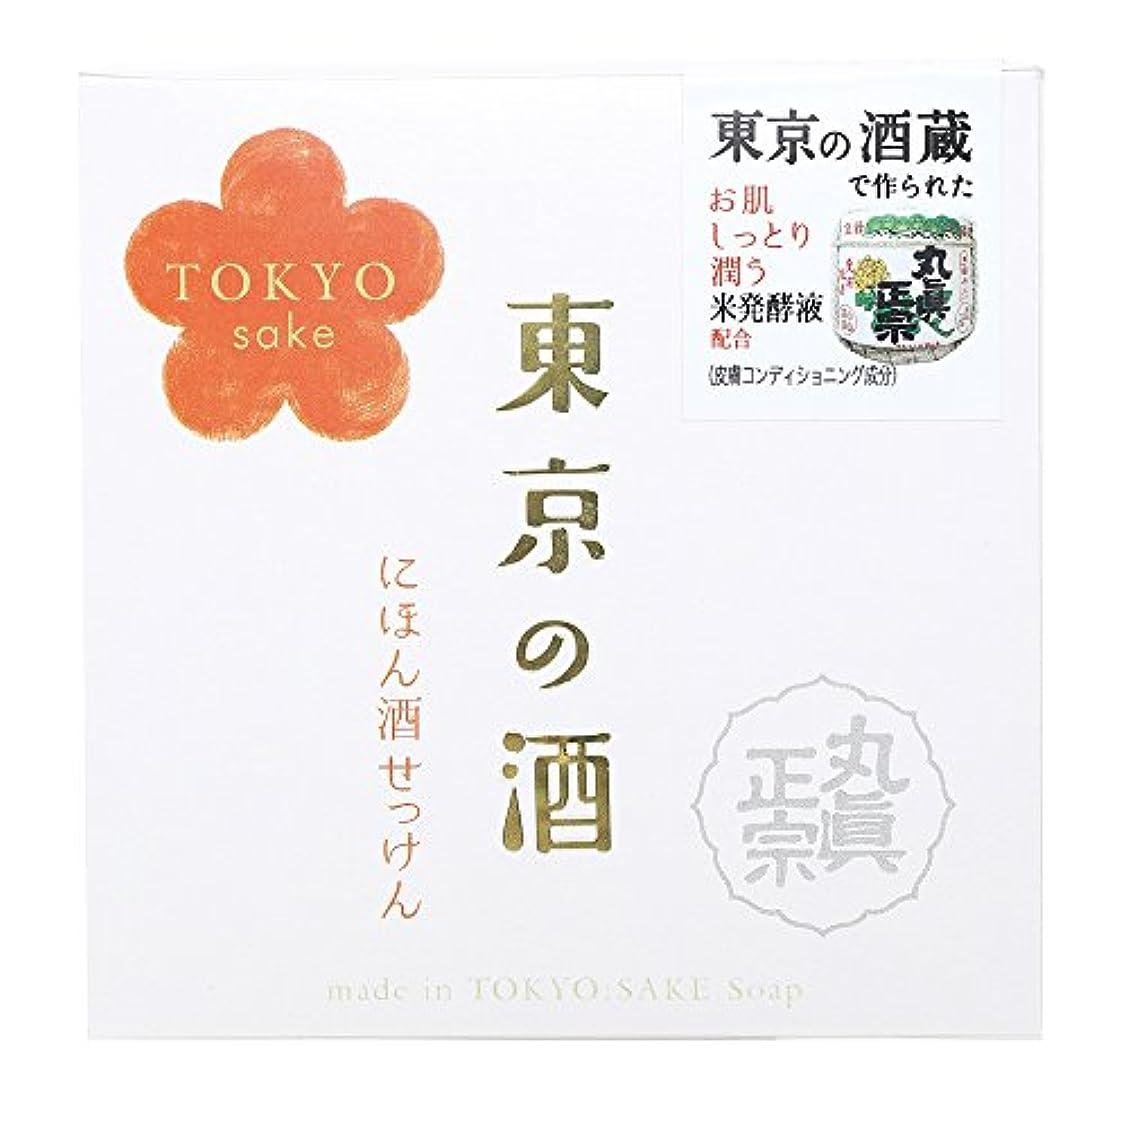 柱書店鳴らすノルコーポレーション 東京の酒 石けん OB-TKY-1-1 100g